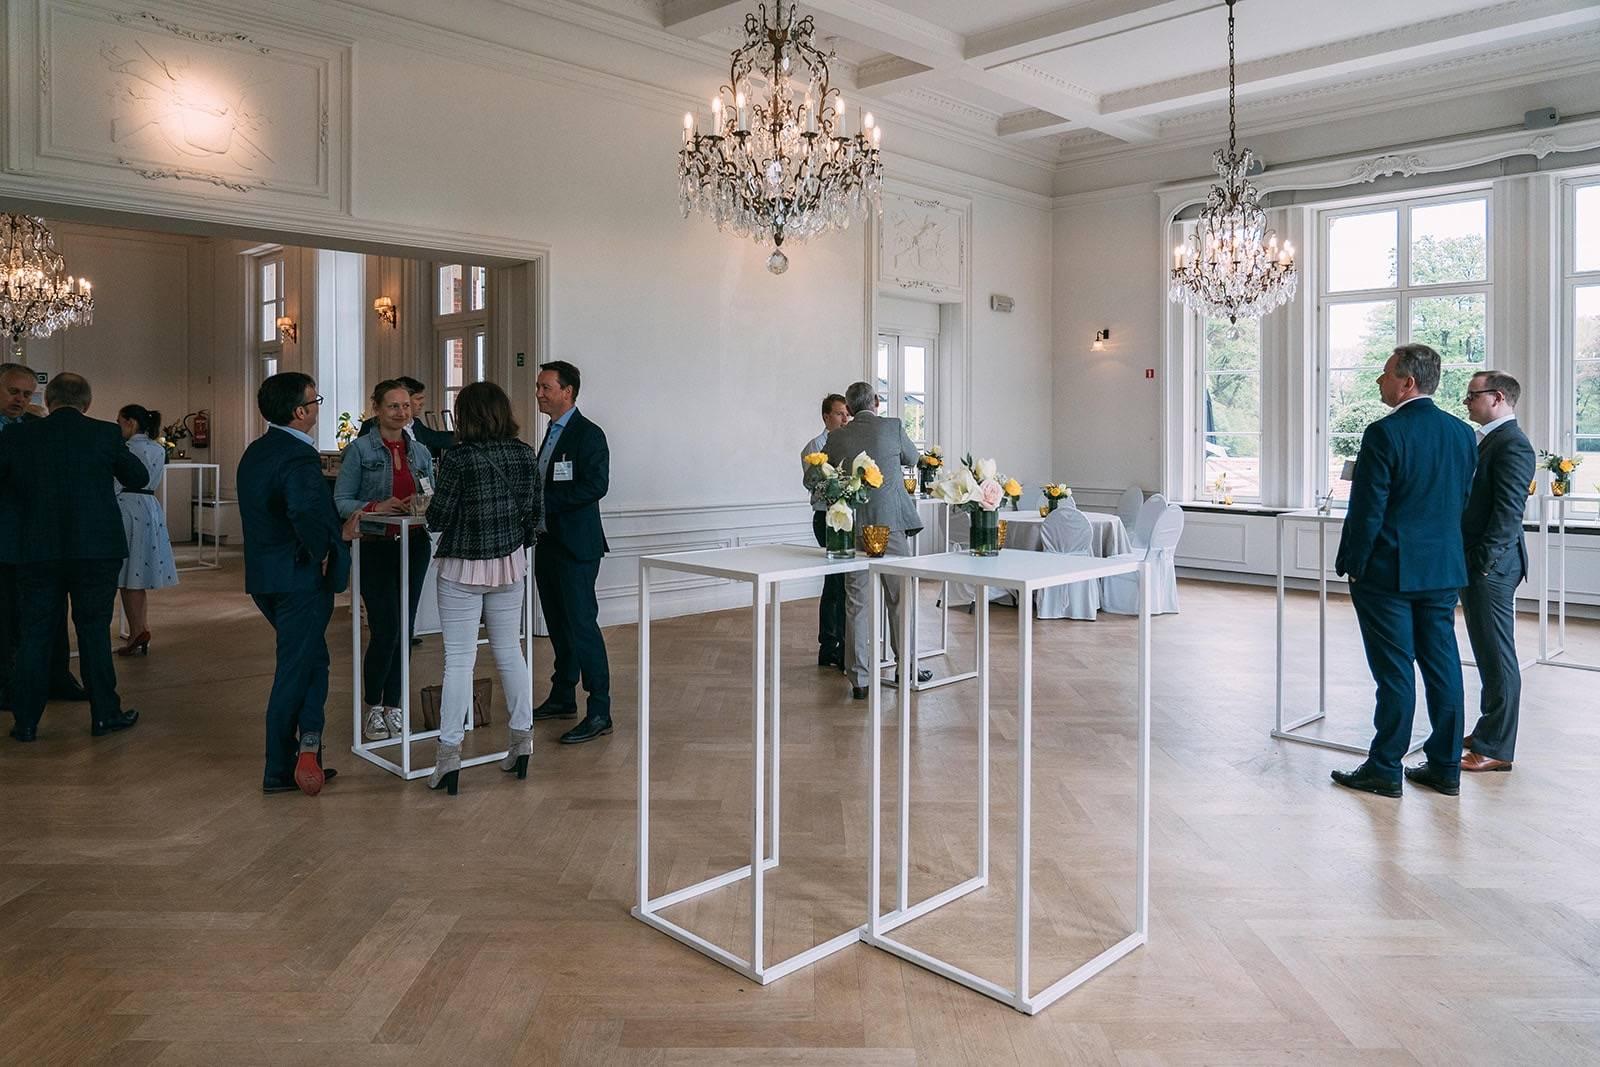 Kasteel Van Brasschaat - Eventlocatie - Feestzaal - Trouwzaal - House of Events & House of Weddings - 15